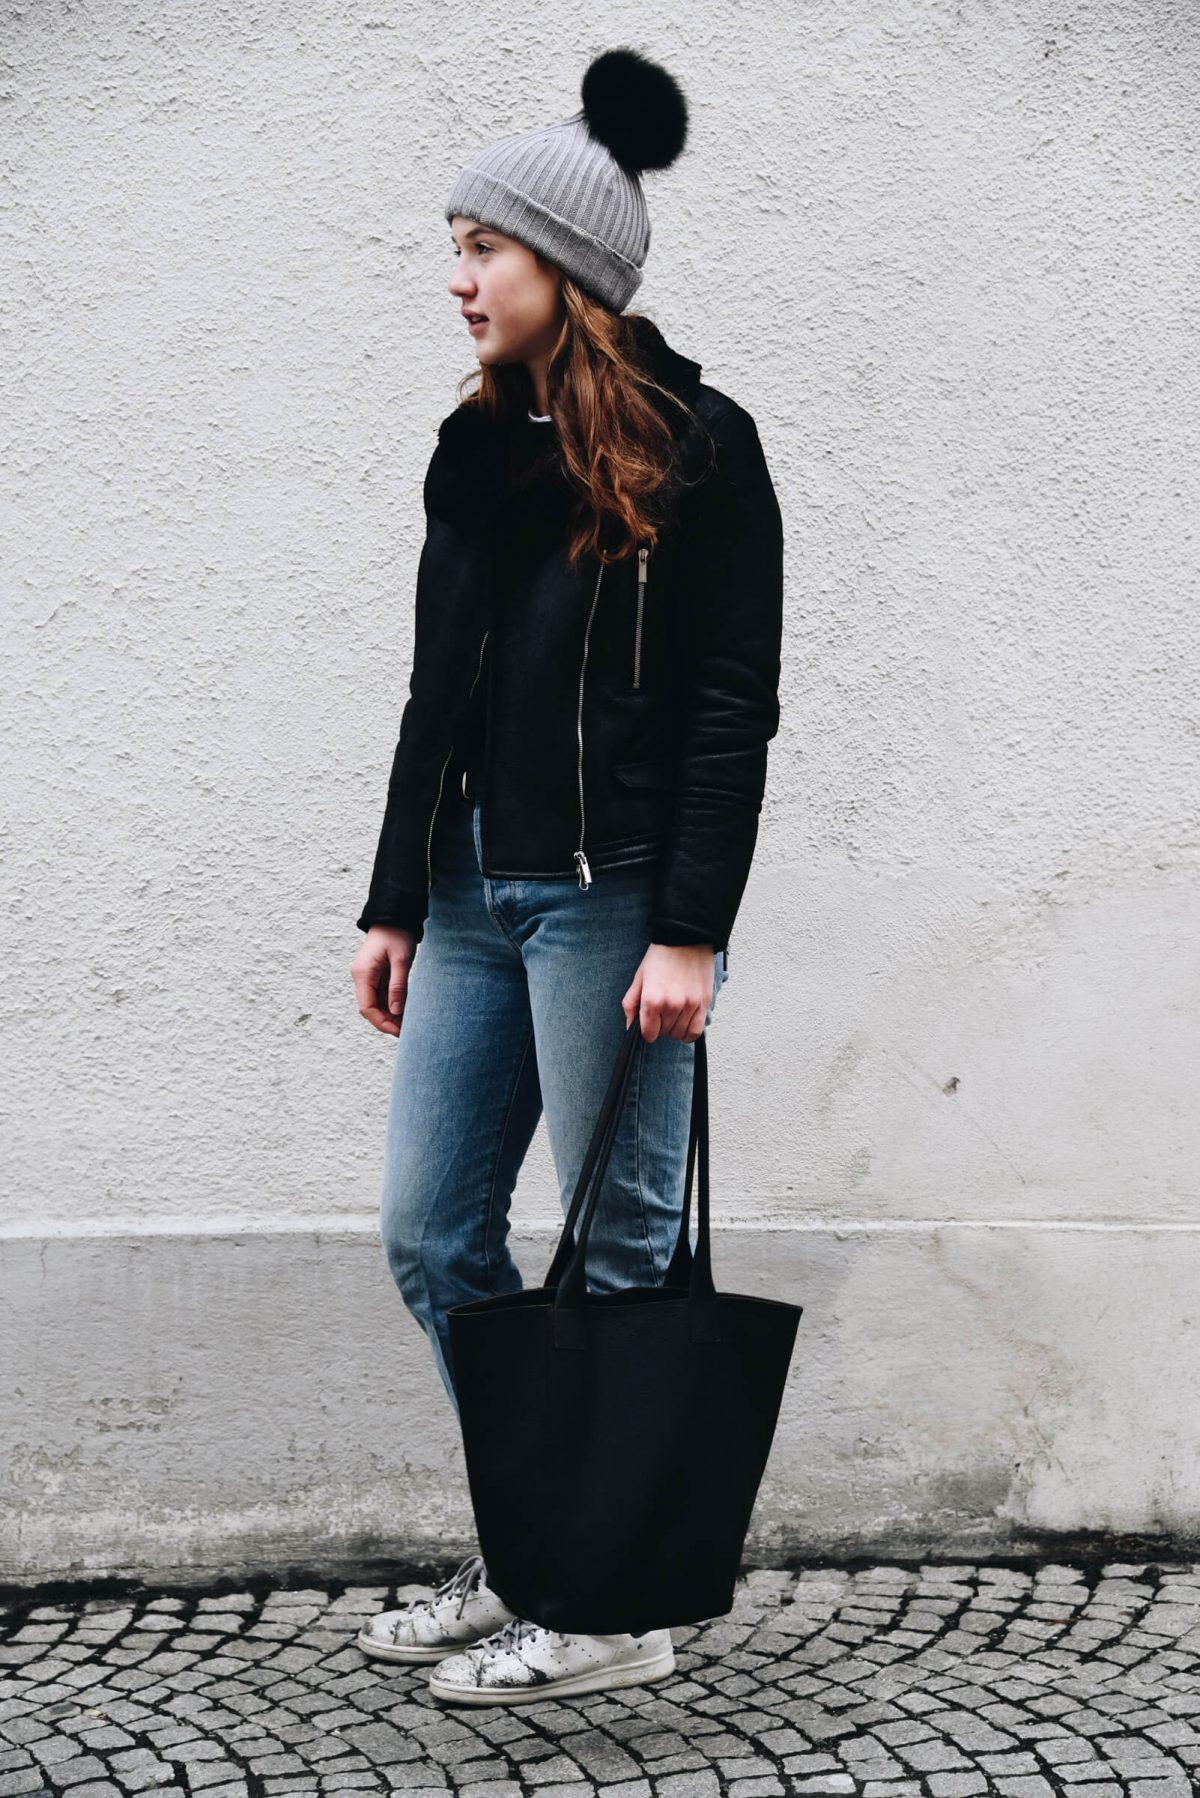 Shopper Leder | Streetwear | Tasche | Made in Germany | Ledertasche | Handtasche | Arbeiten | Unitasche | Tasche aus Leder | schlicht | elegant | chic | Damen | Handtasche Leder | Handtasche kaufen | HoBoBag| oliv | hochwertig | gute Qualität